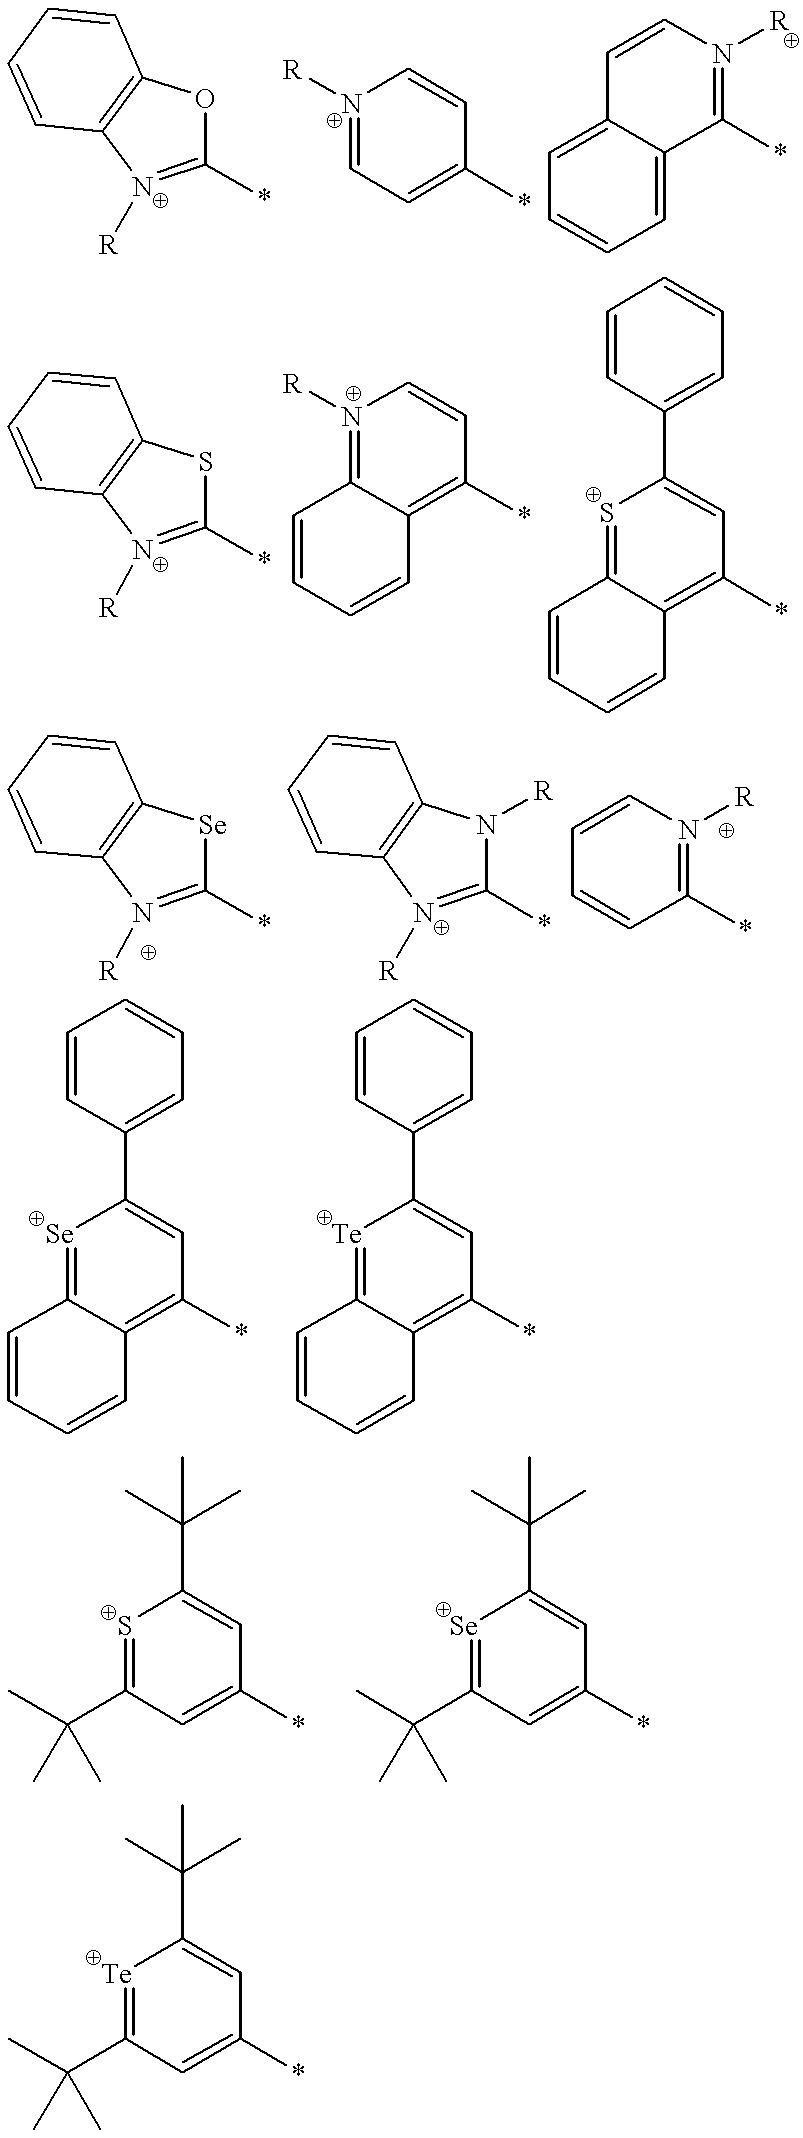 Figure US06267913-20010731-C00002